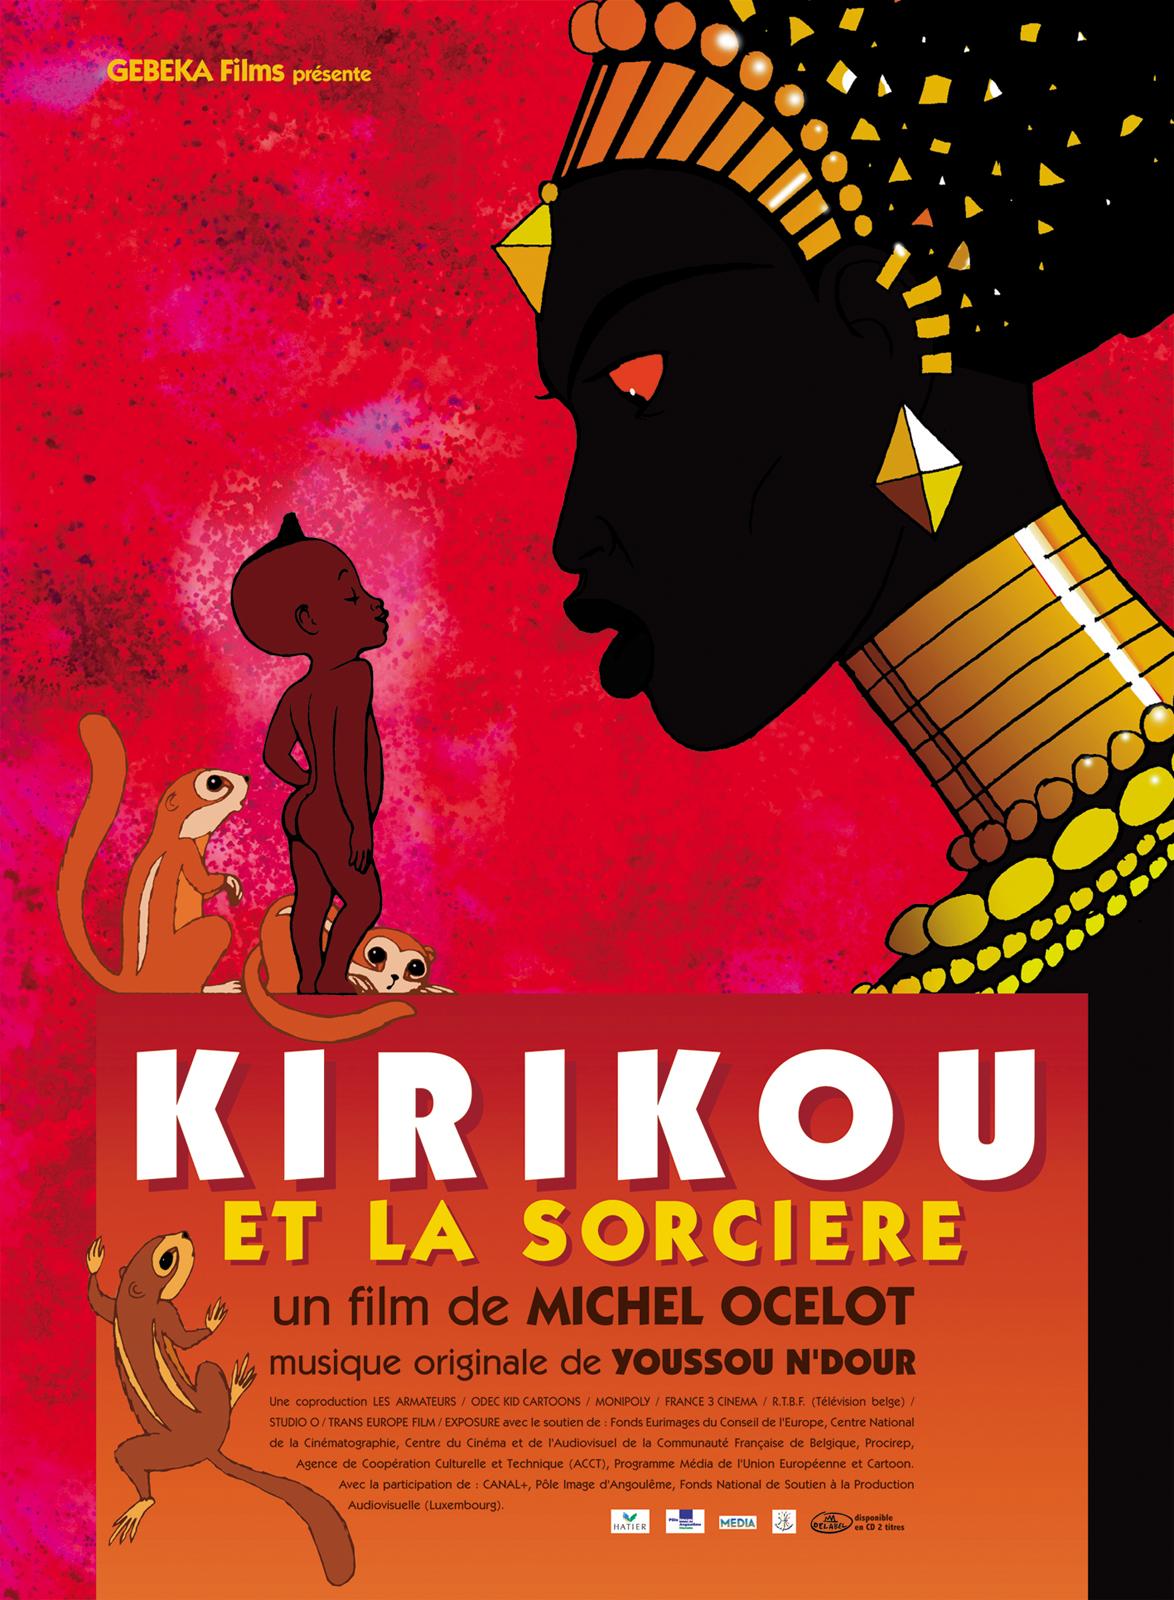 """Résultat de recherche d'images pour """"kirikou affiche"""""""